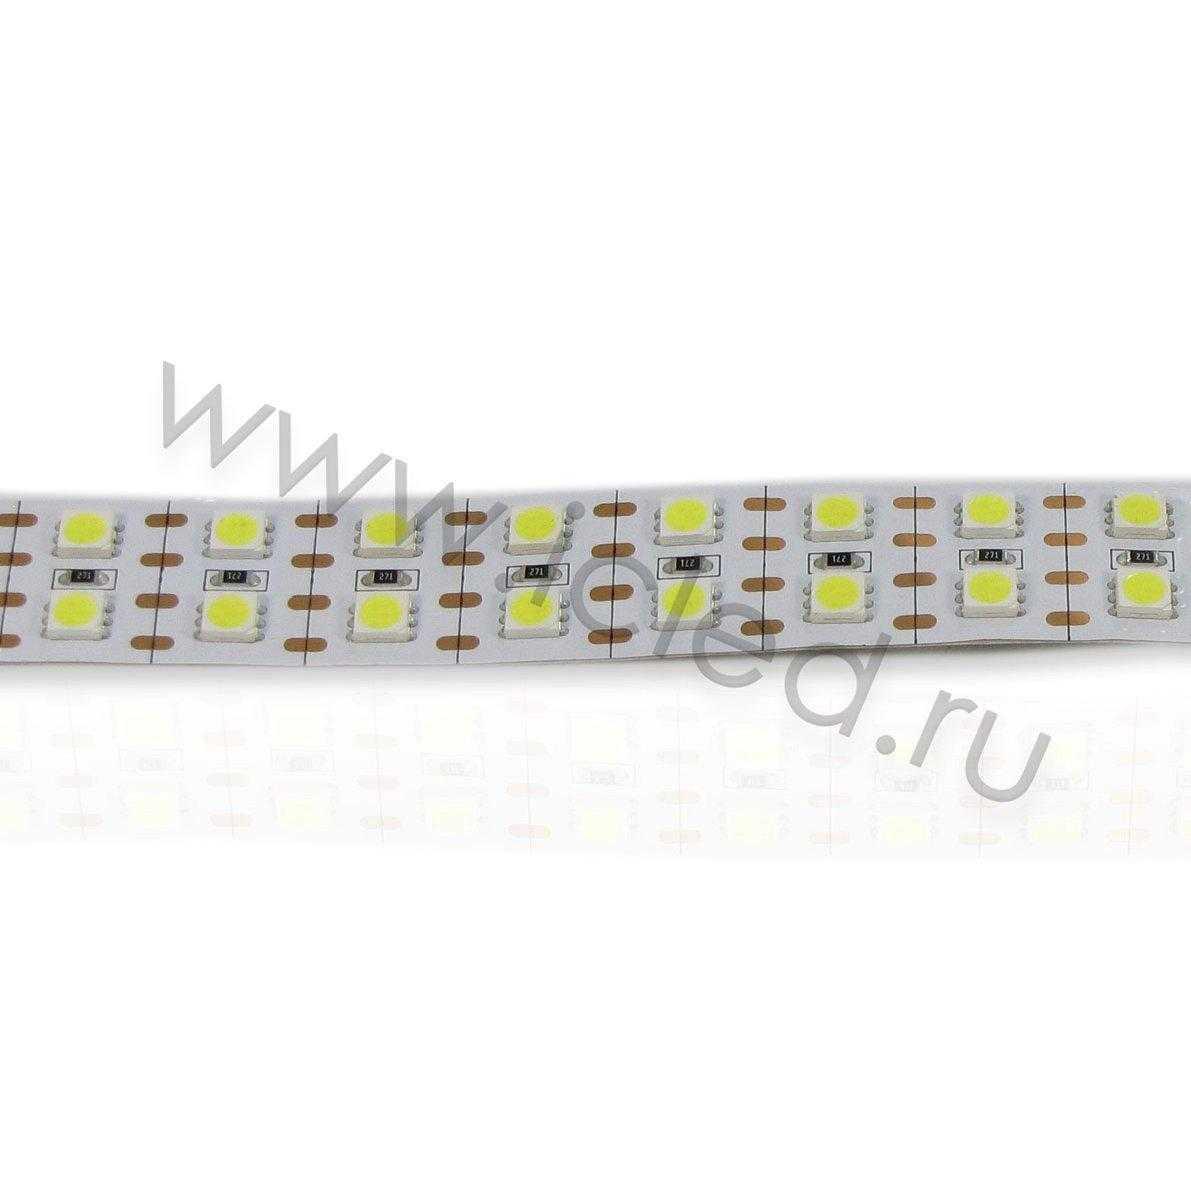 Светодиодная лента Class B, 5050, 144 led/m, White, 24V, IP33